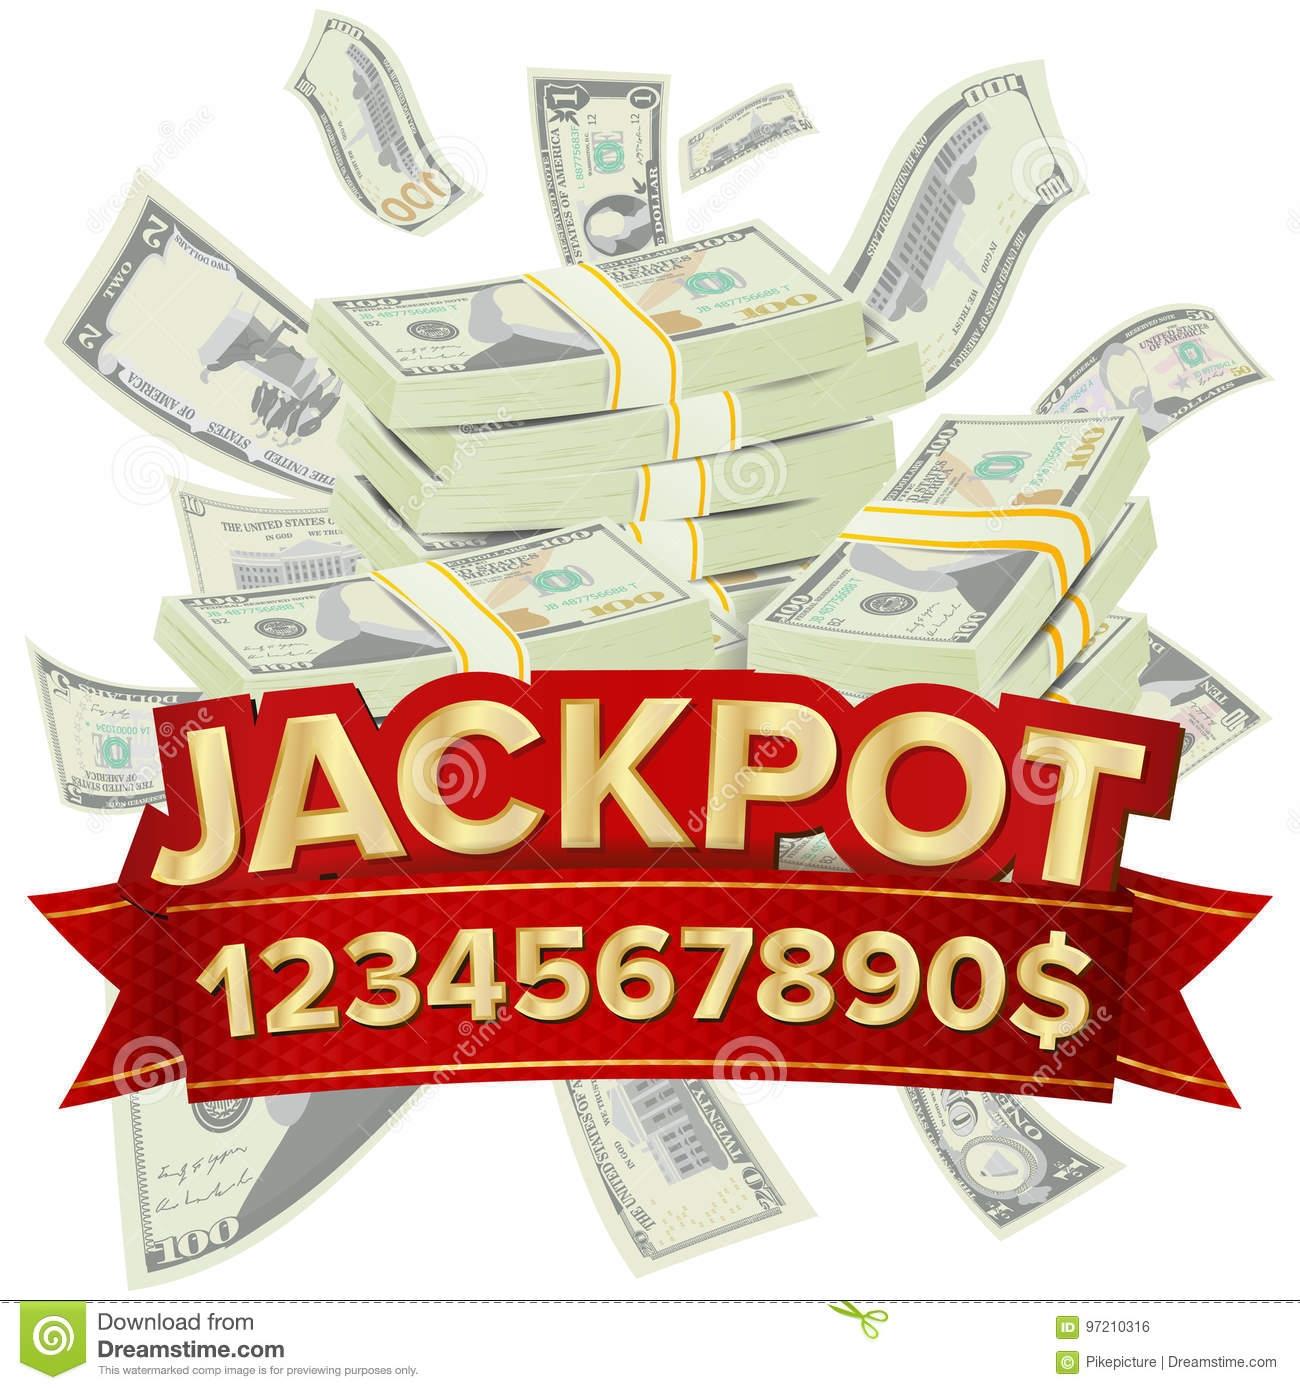 EUR 4540 Casino bonus sans dépôt sur Party Casino